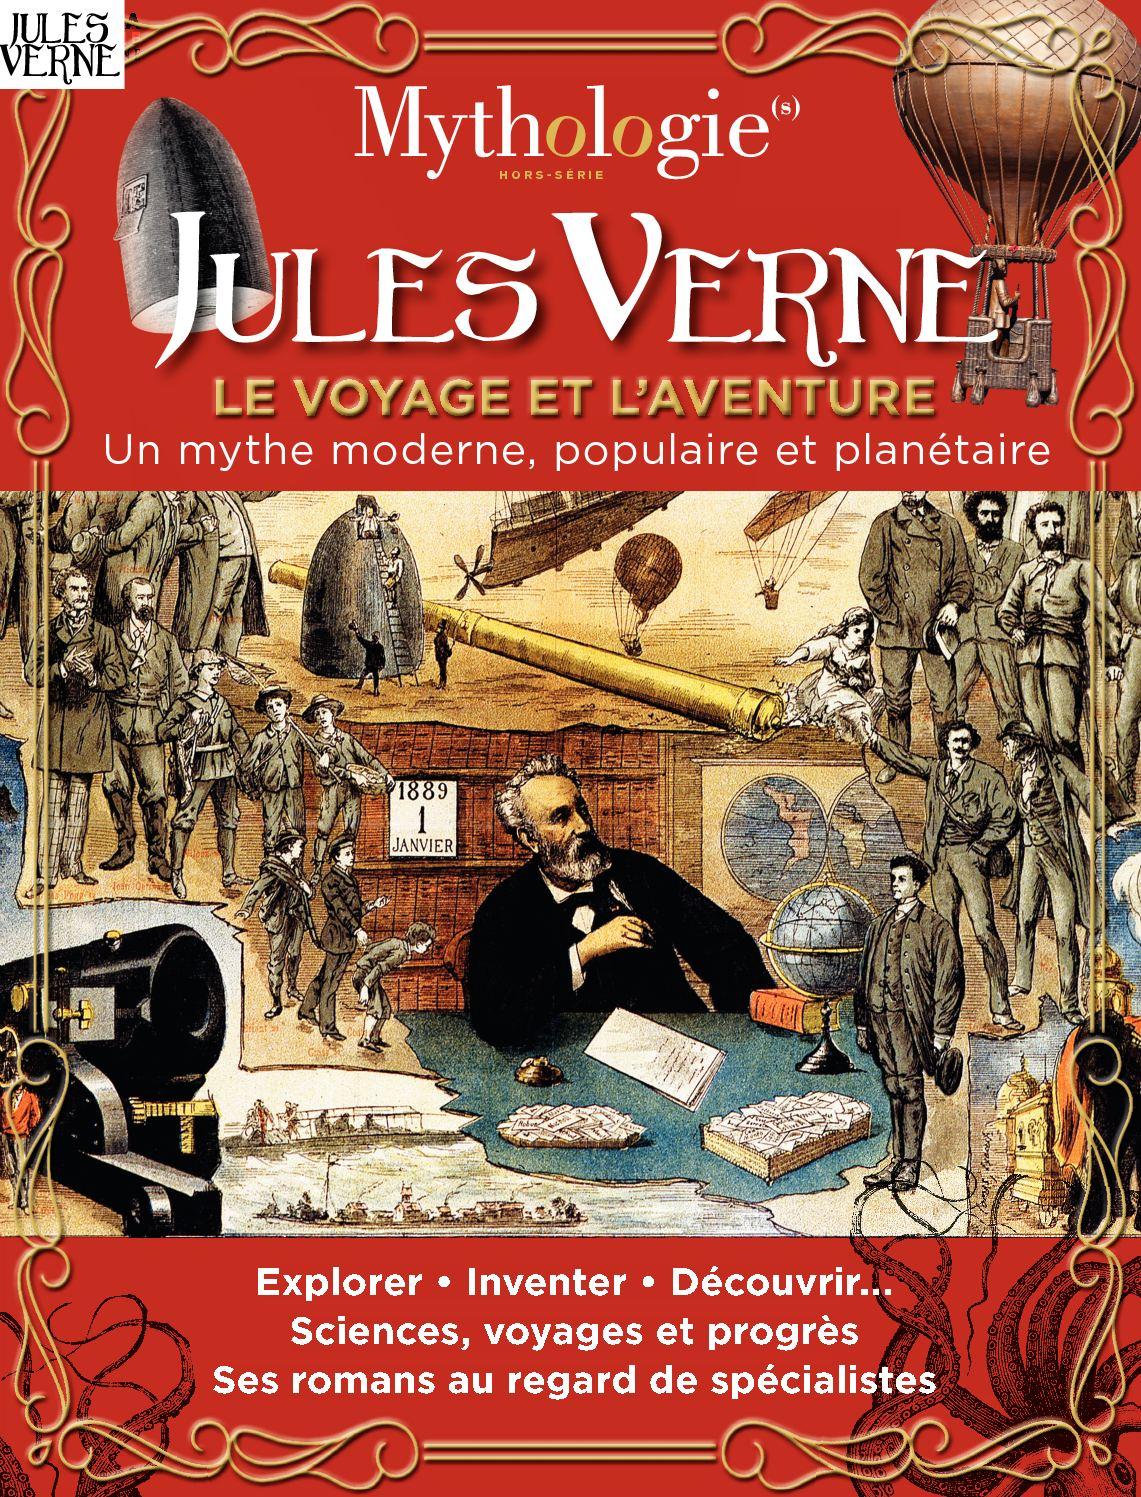 HS Mythologie(s) - Jules Verne